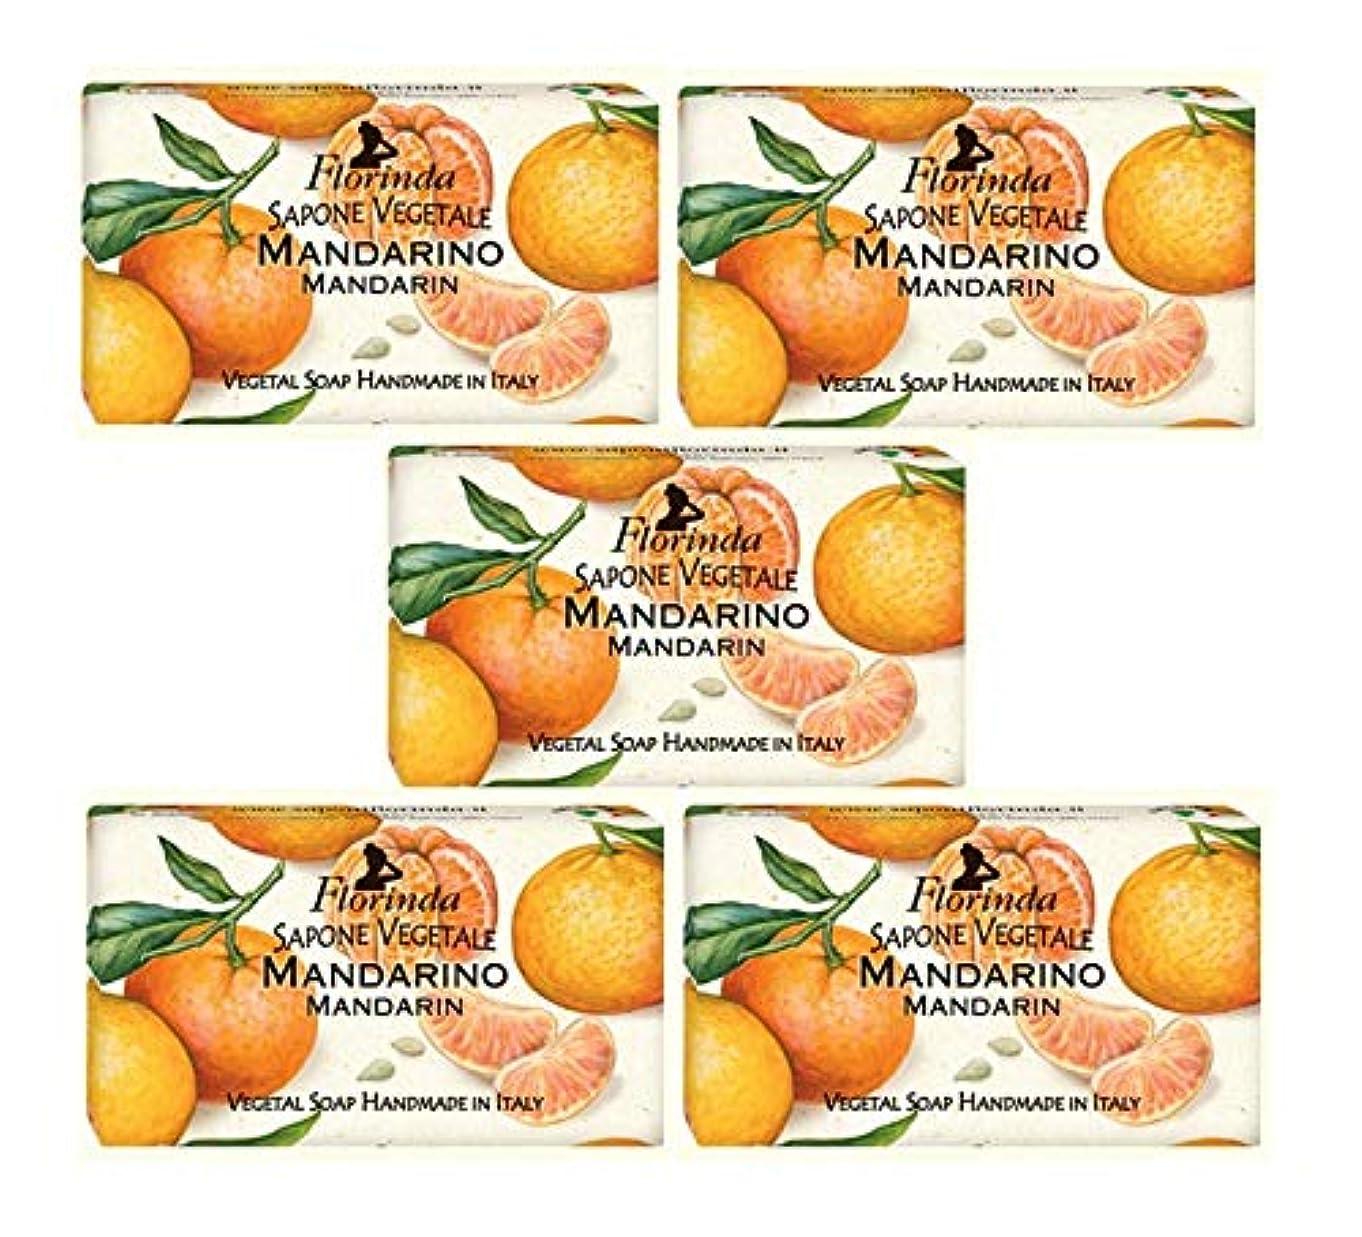 無実魅力位置づけるフロリンダ フレグランスソープ 固形石けん フルーツの香り マンダリン 95g×5個セット